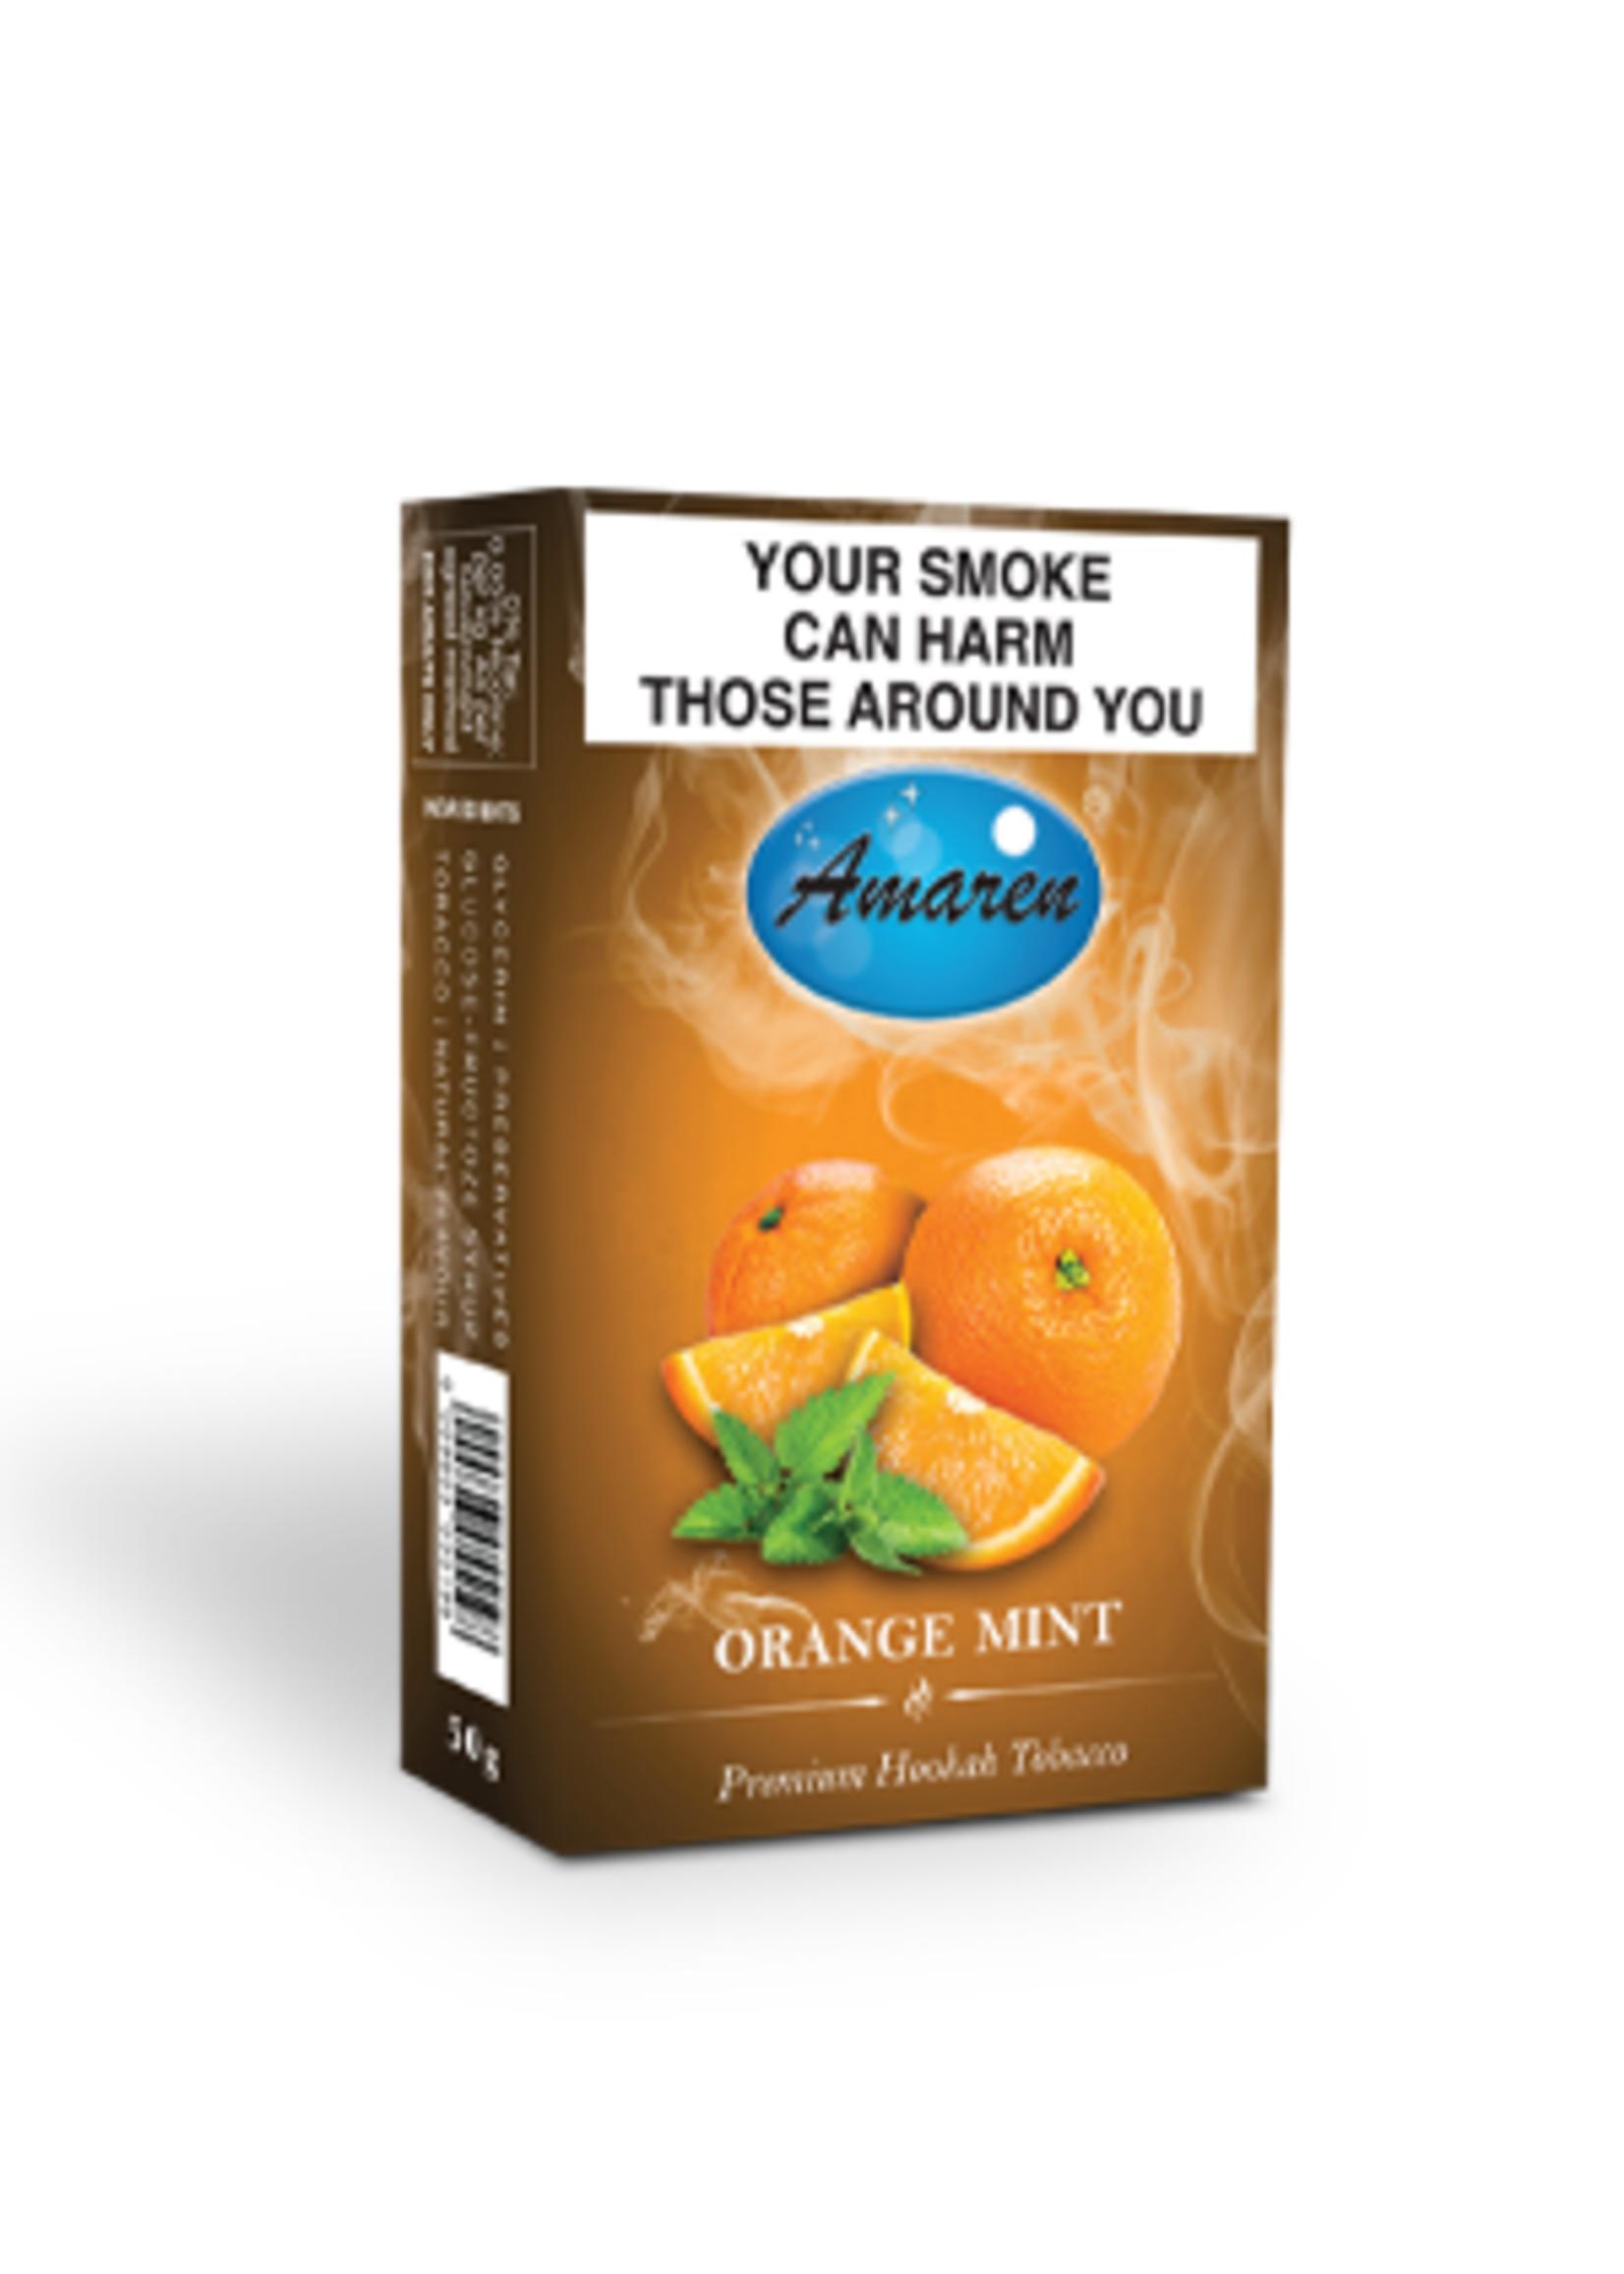 Amaren hubbly flavour - orange mint